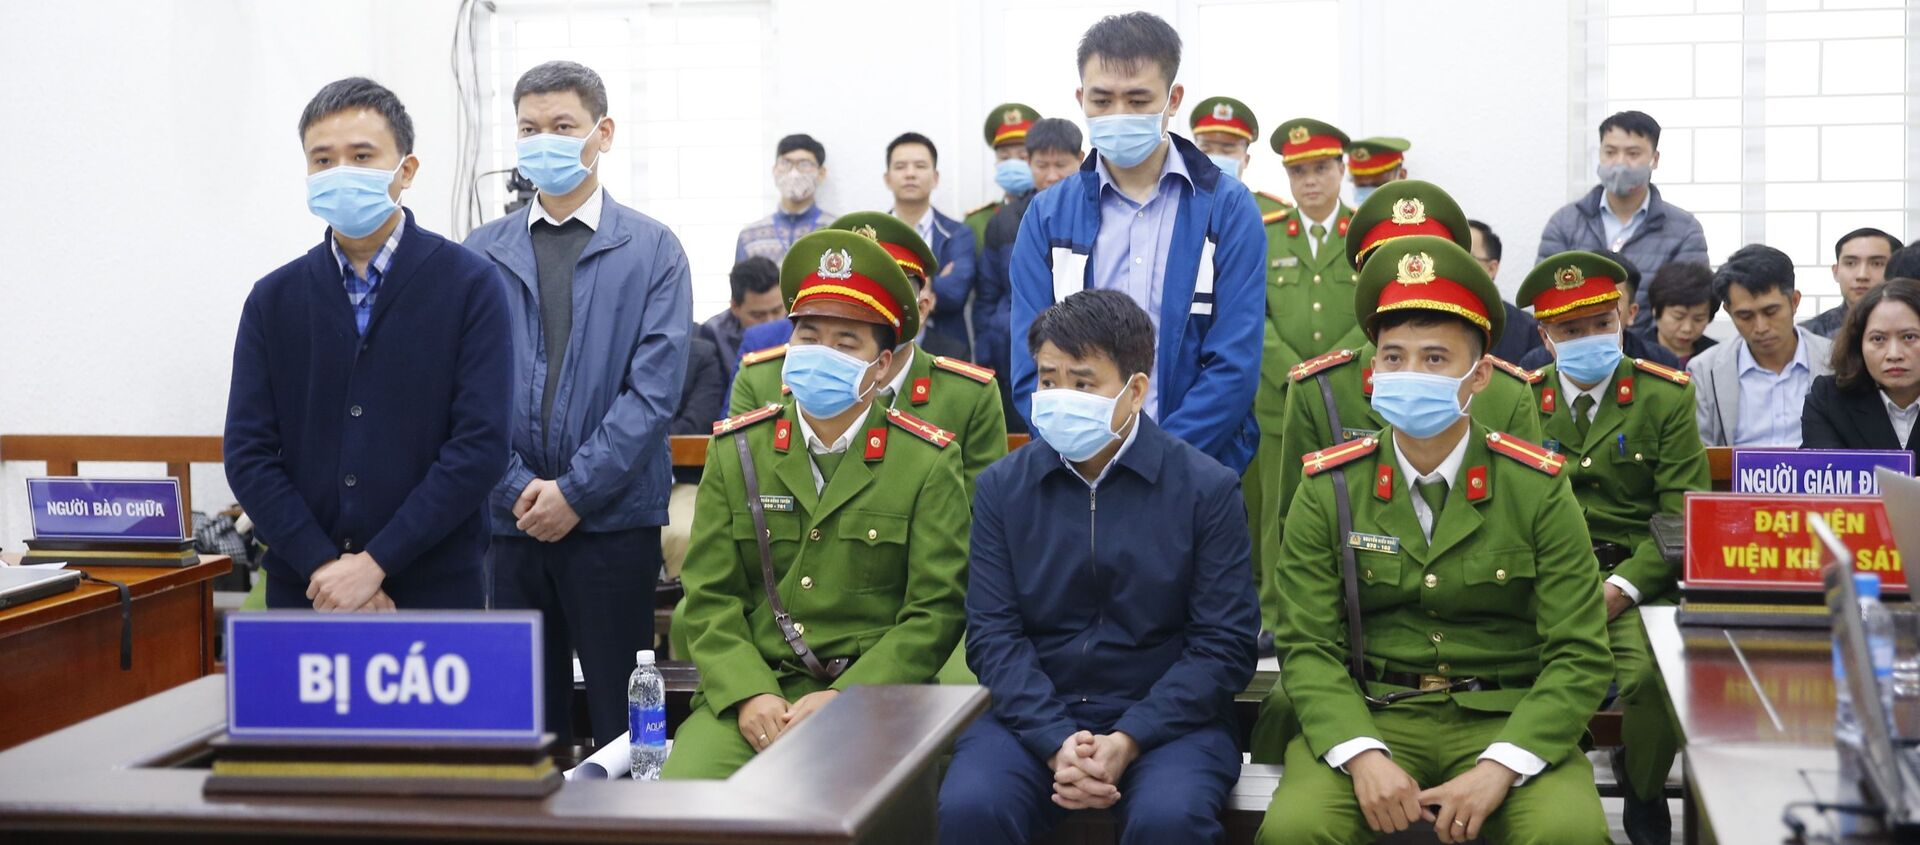 Các bị cáo tại phiên tòa. - Sputnik Việt Nam, 1920, 14.12.2020